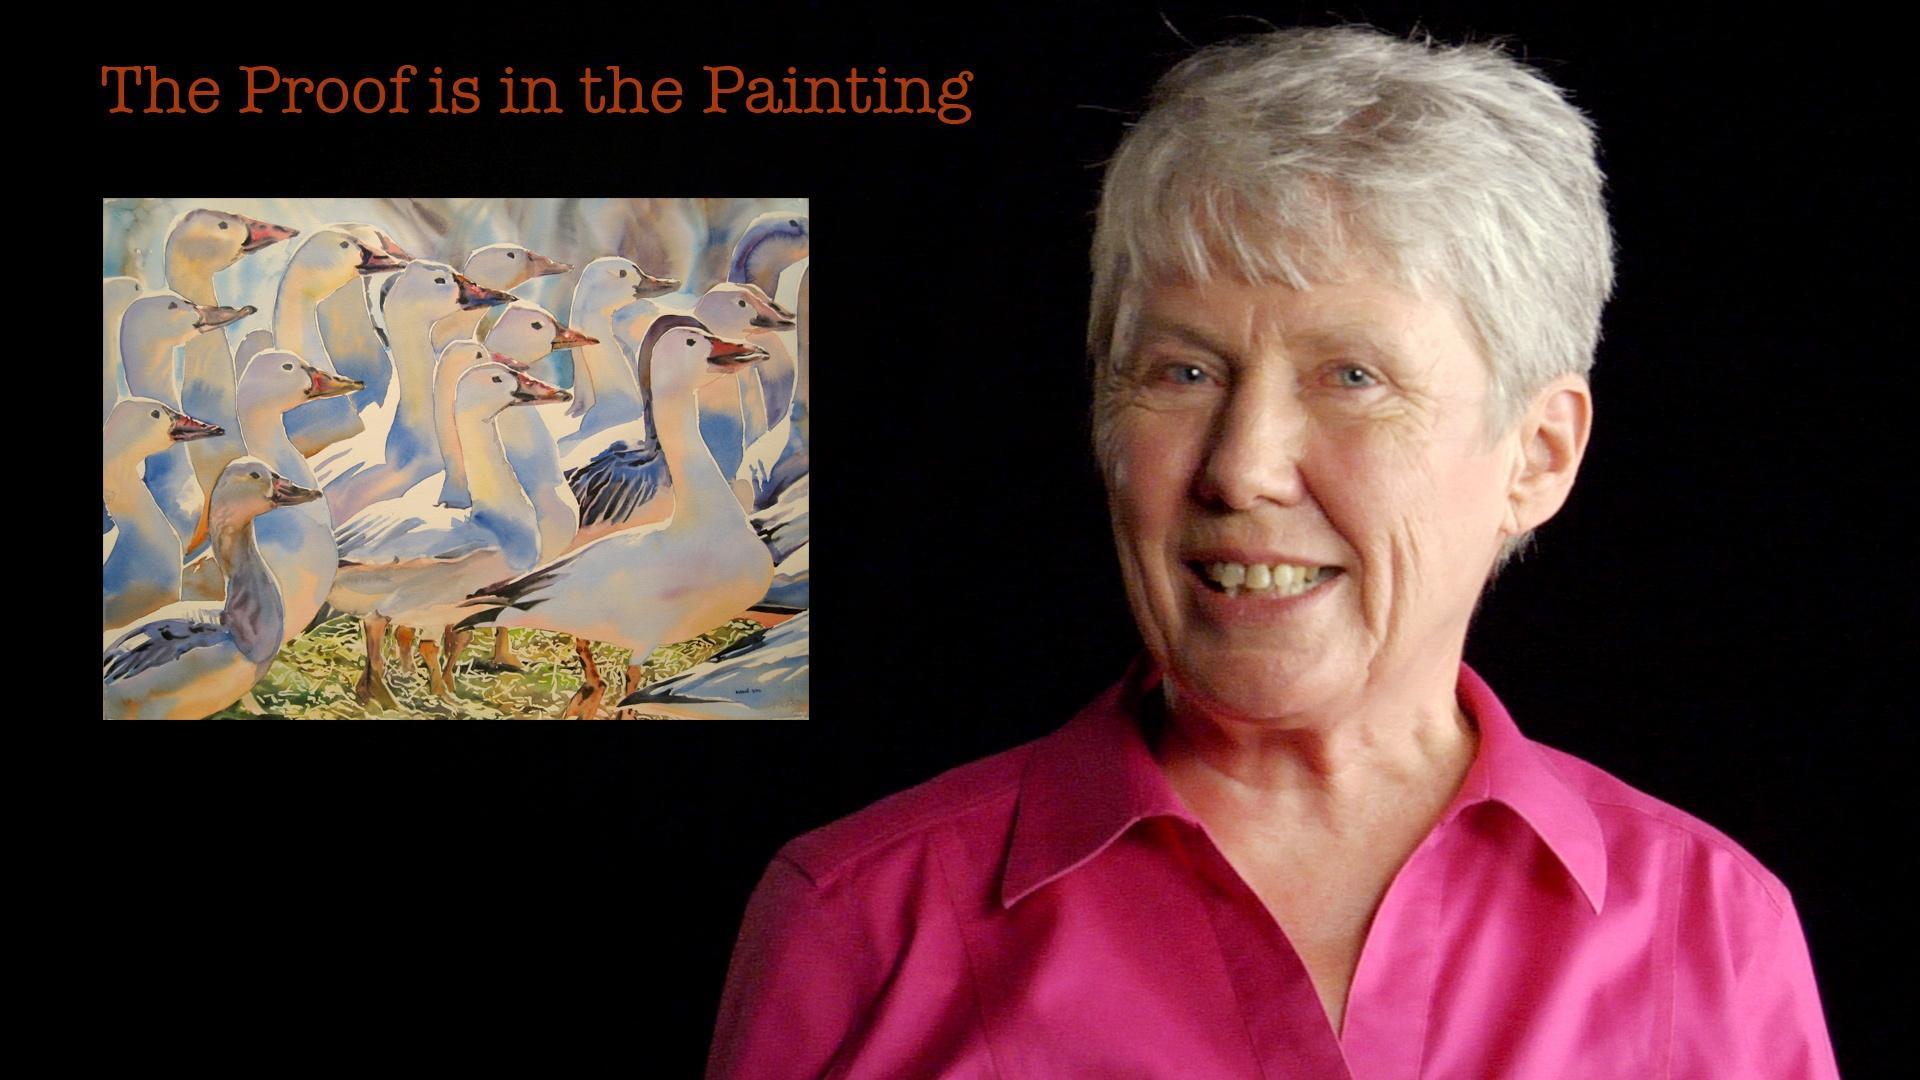 Maria Klawe: The Proof is in the Painting Hero